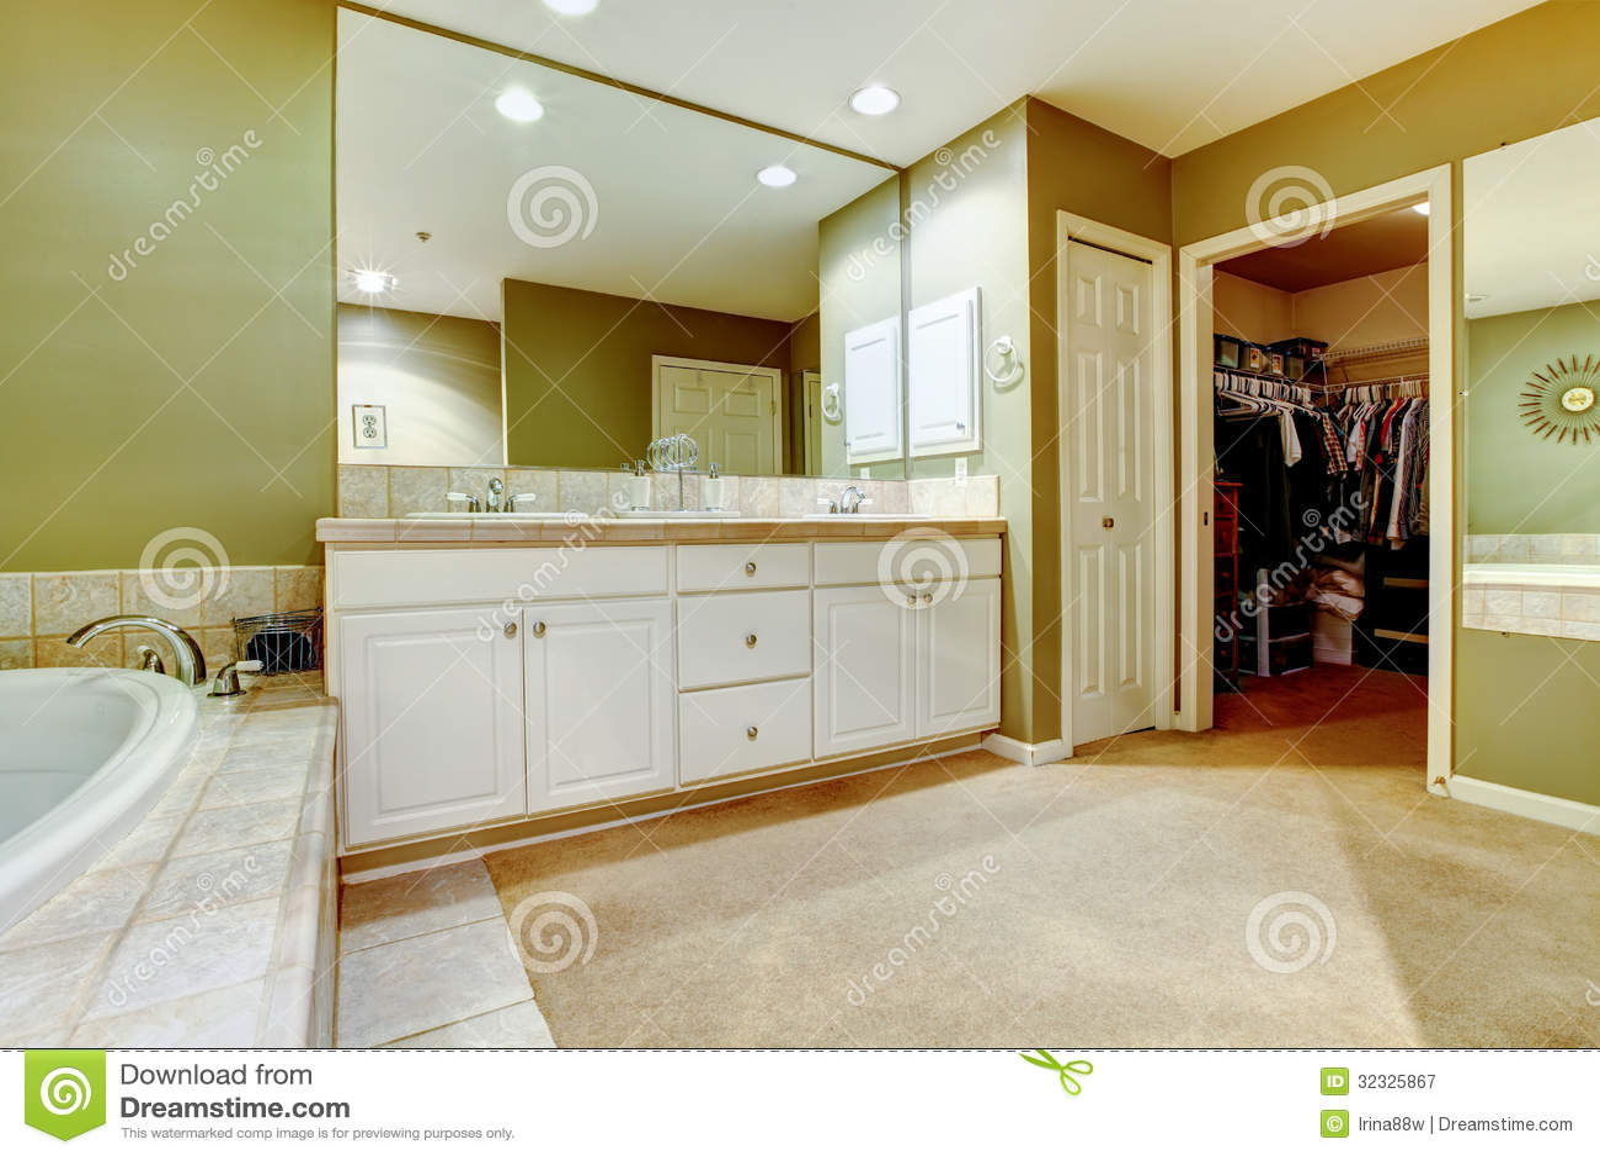 Bagno verde e bianco con due lavandini e gabinetti immagine stock immagine di vetro immagine - Due lavandini bagno ...